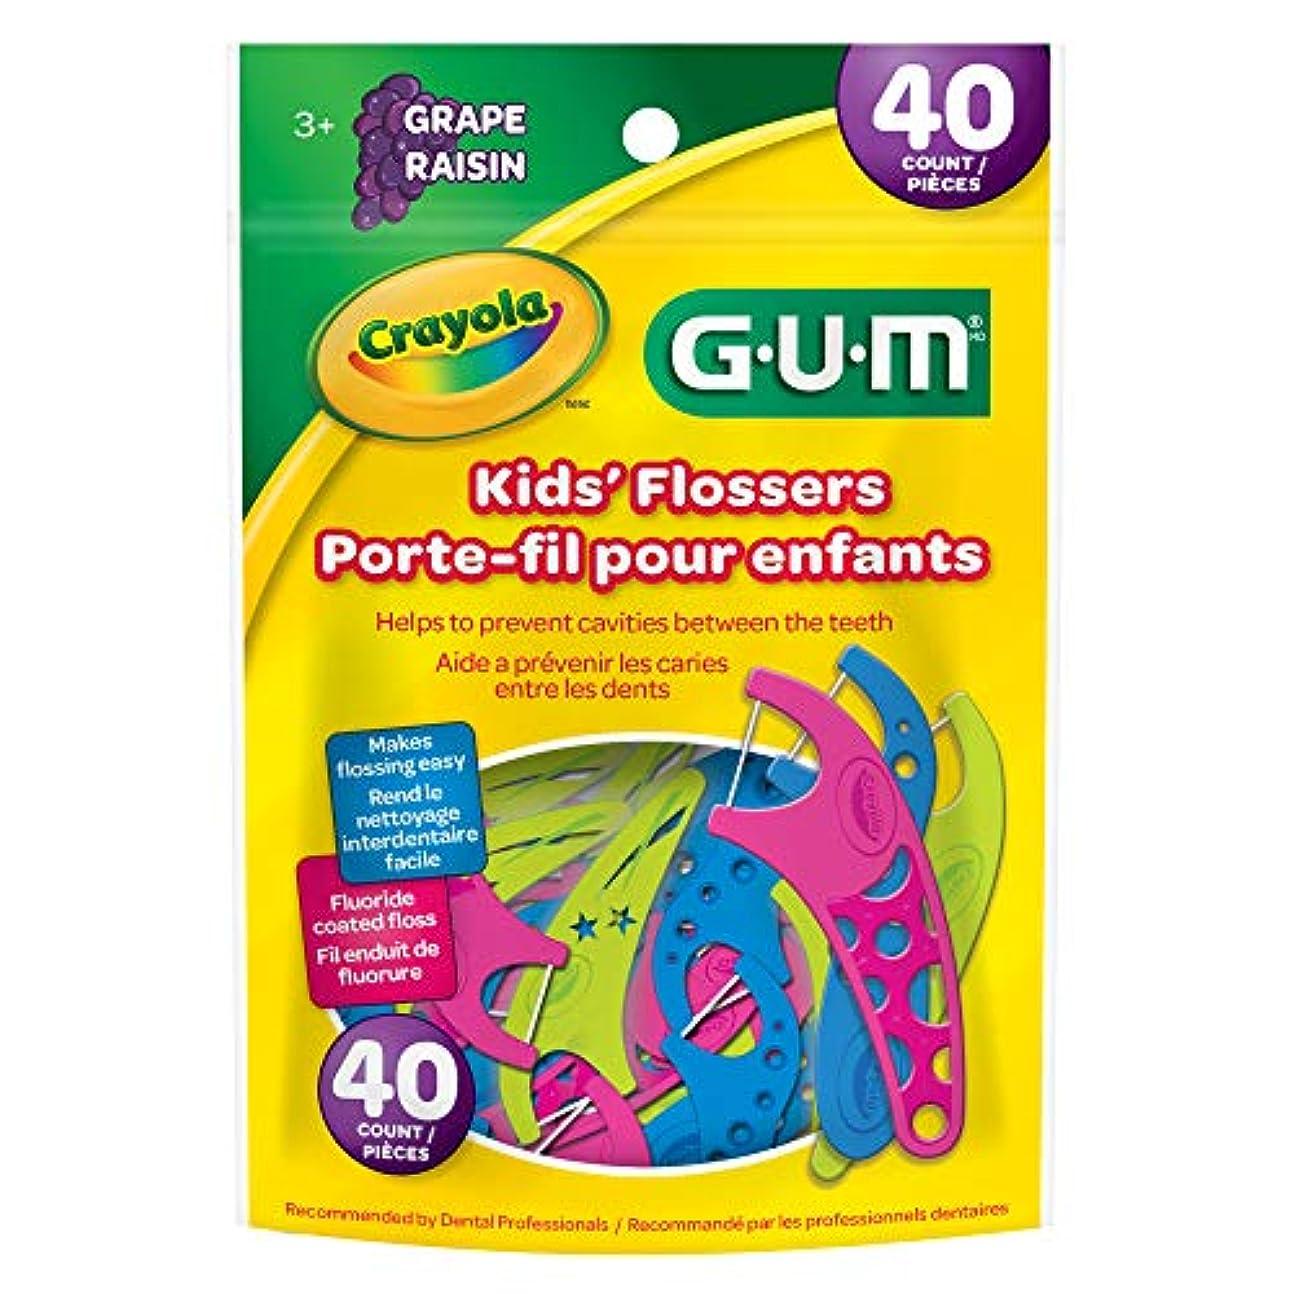 ボックス同化する引き出しGUM® Crayola™ Kids' Flossers 40本入り キッズ・フロッサー